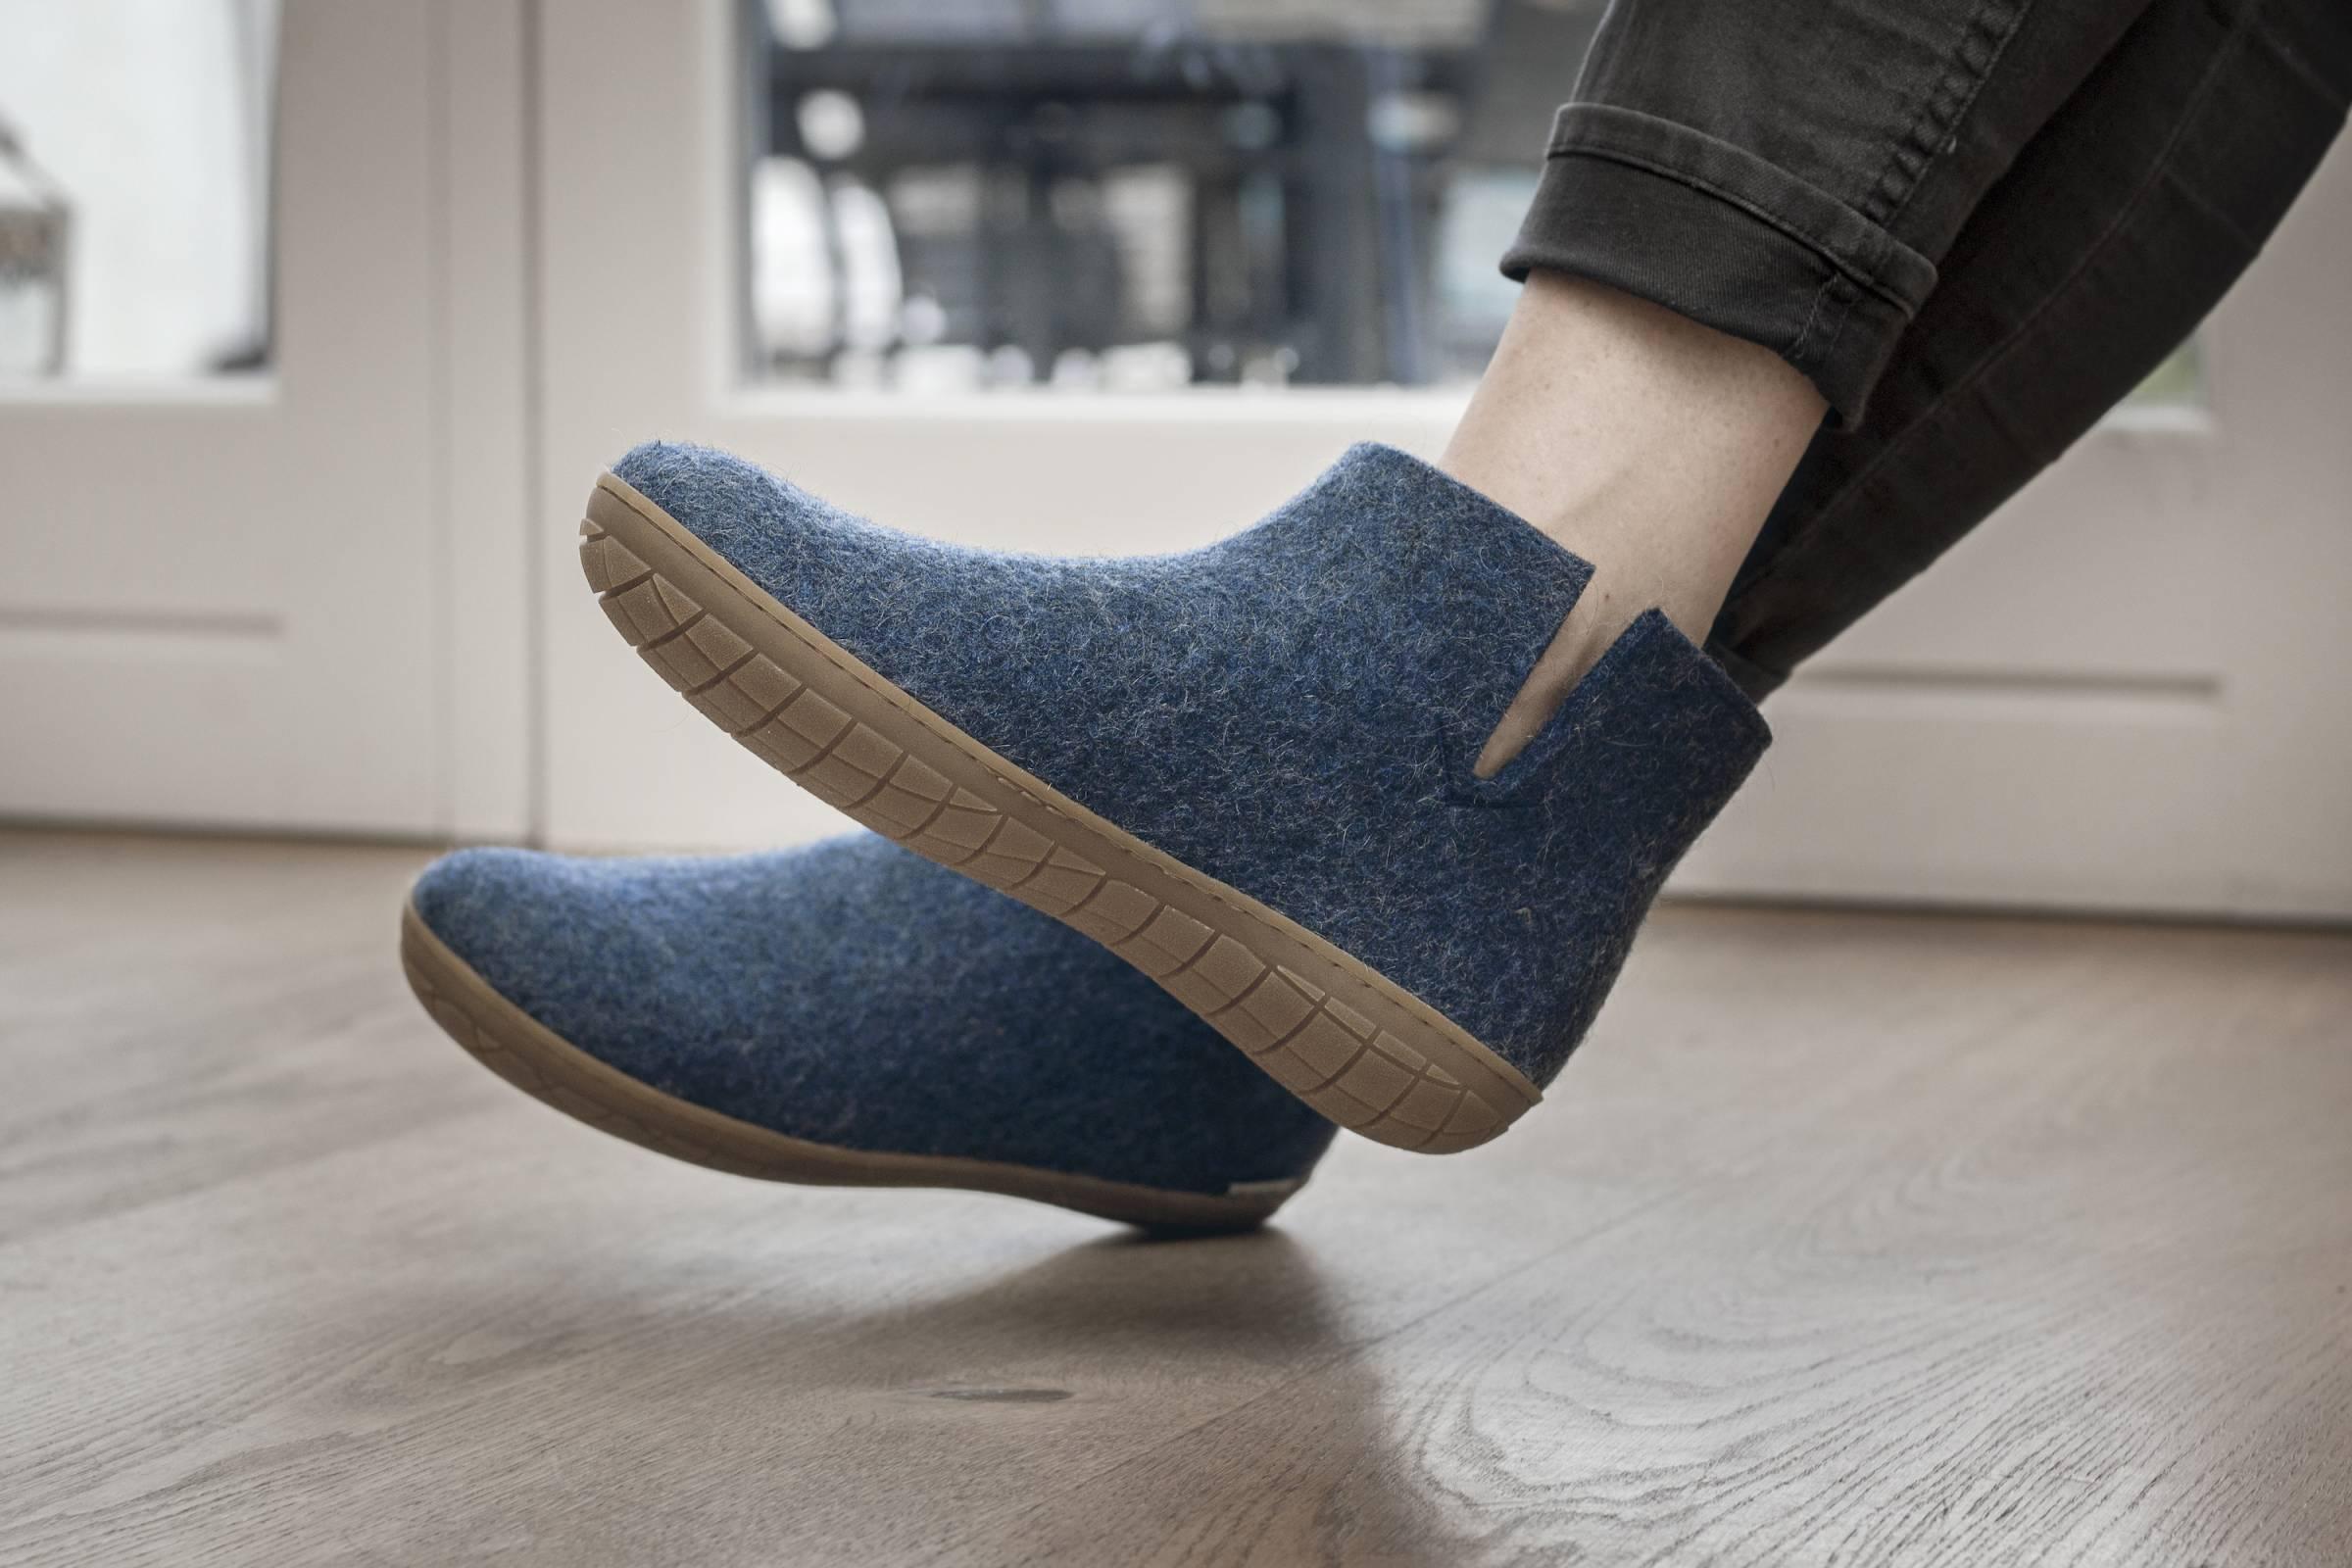 The Best Slippers for Men \u0026 Women in